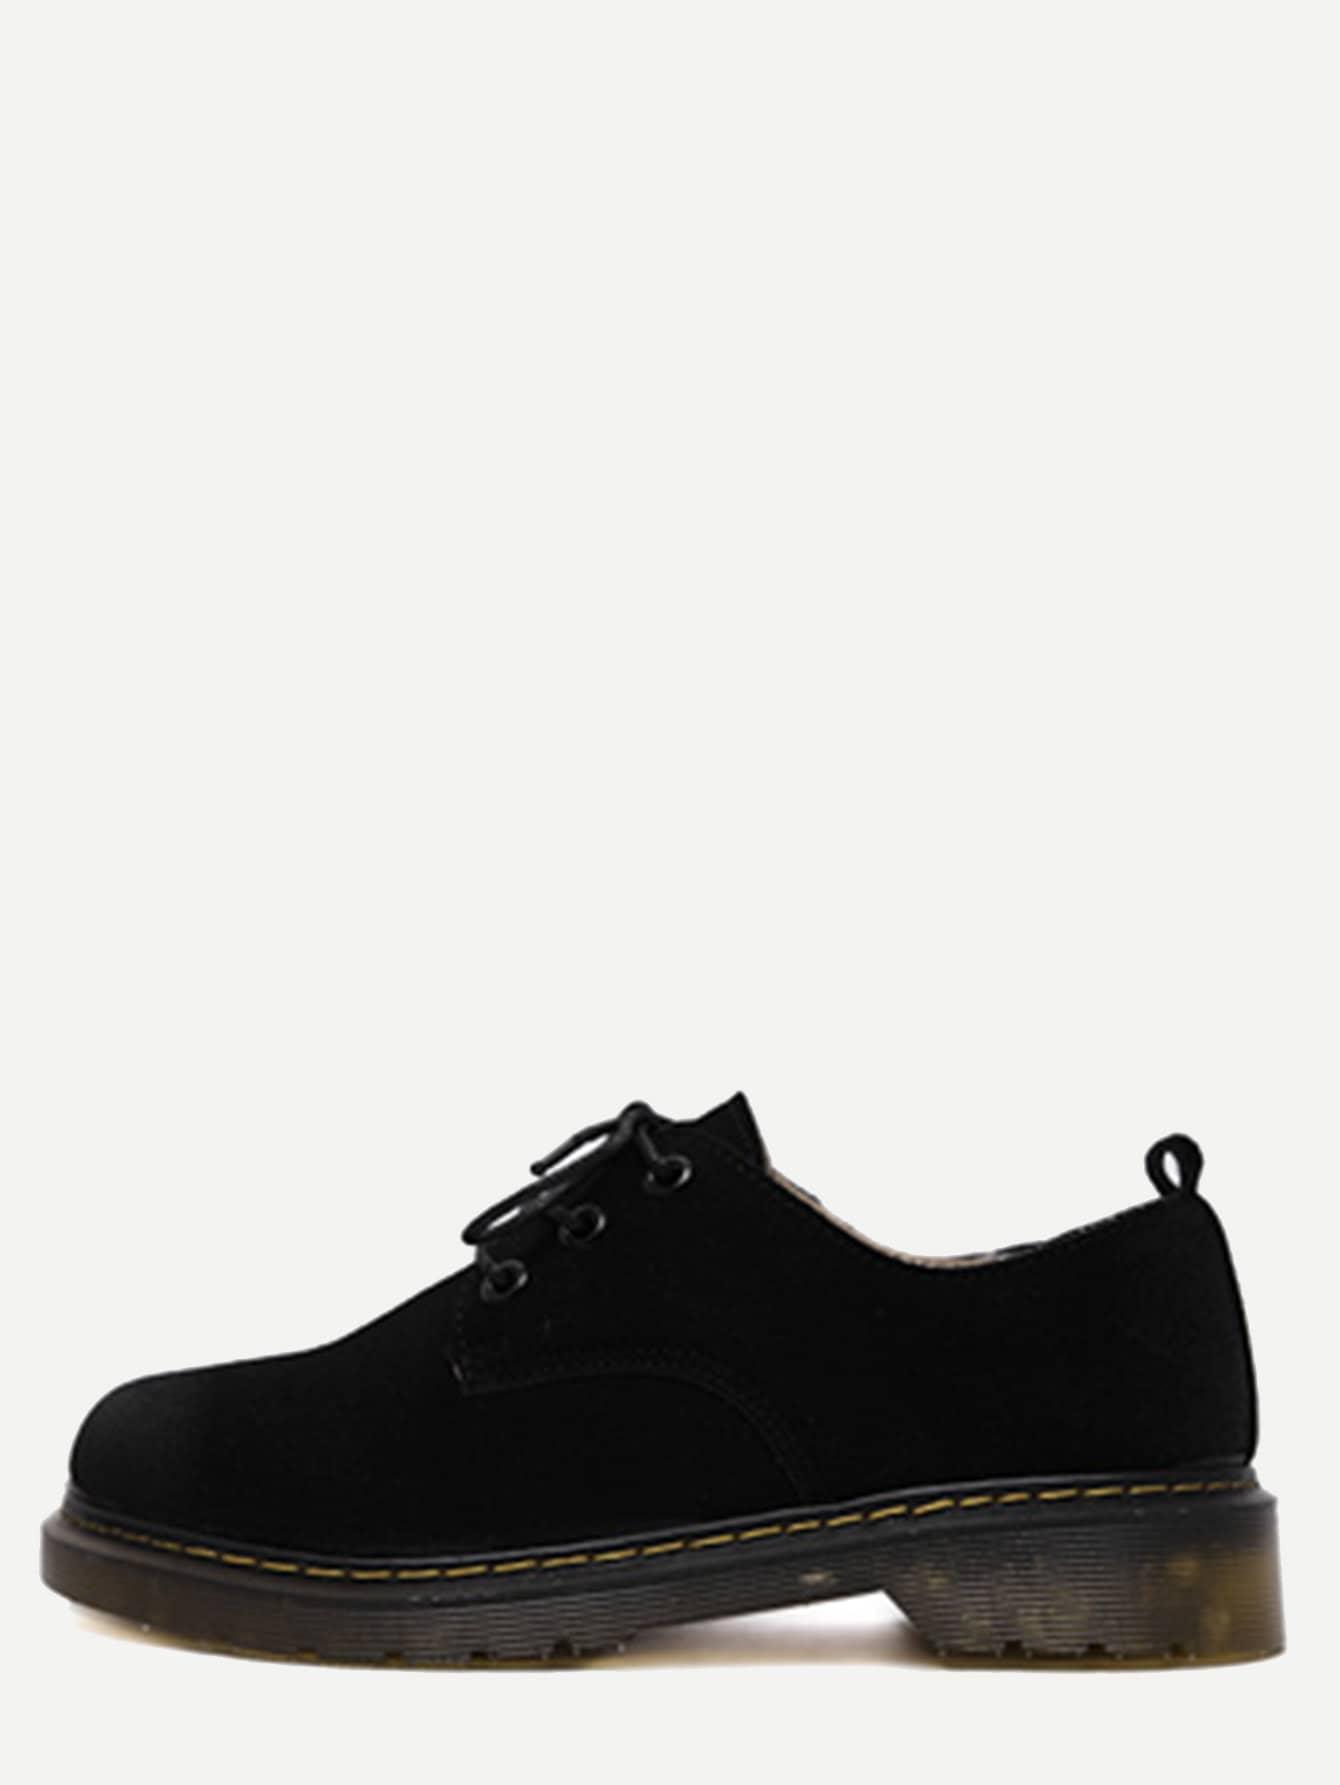 shoes160818813_2